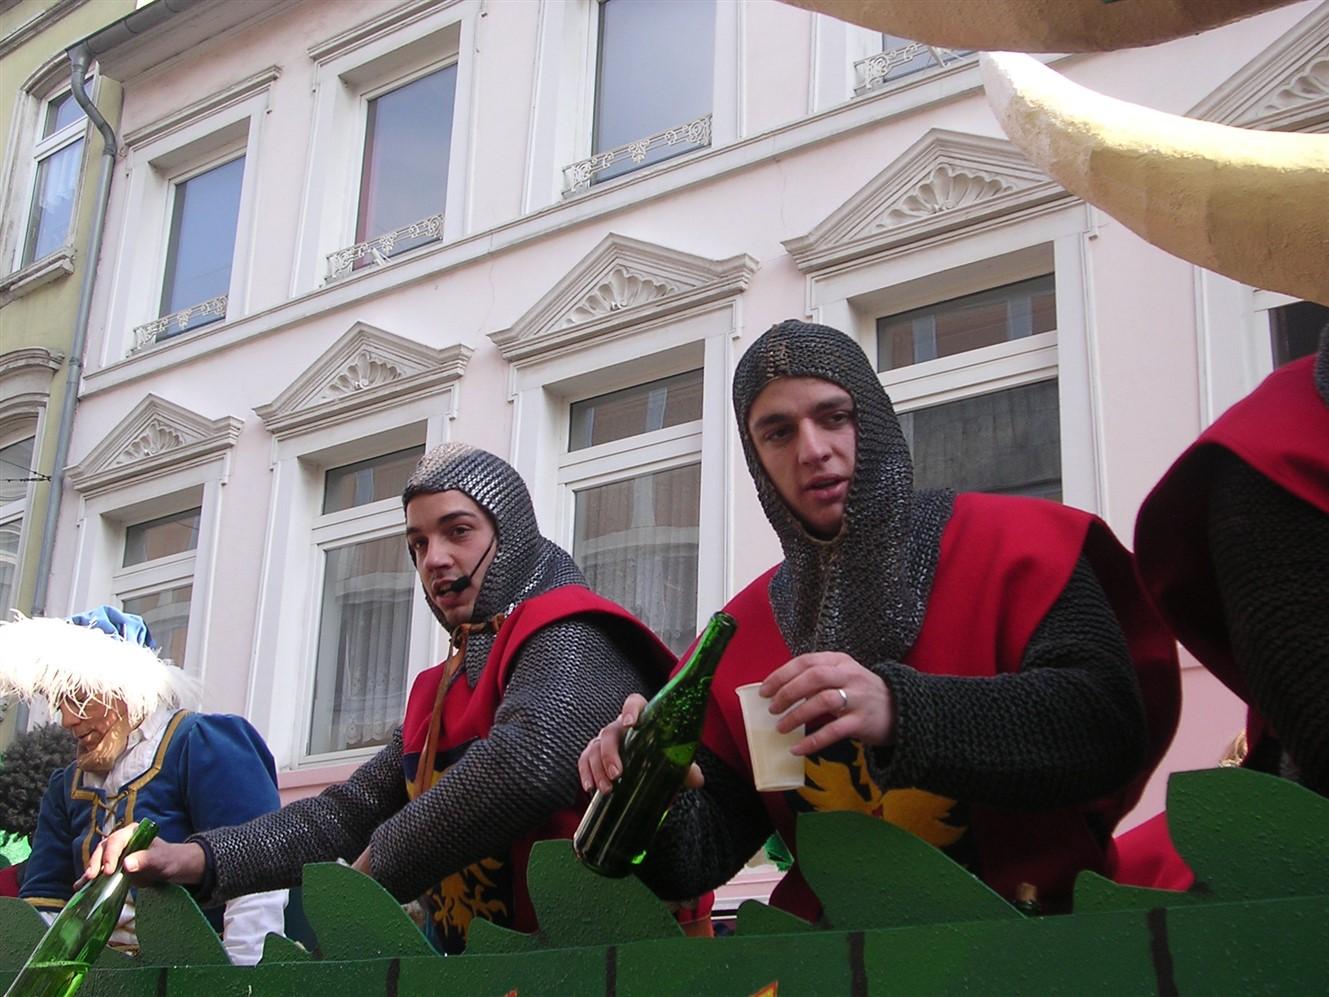 2006 02 27 Trier Germany Rosenmontagszug 55.jpg